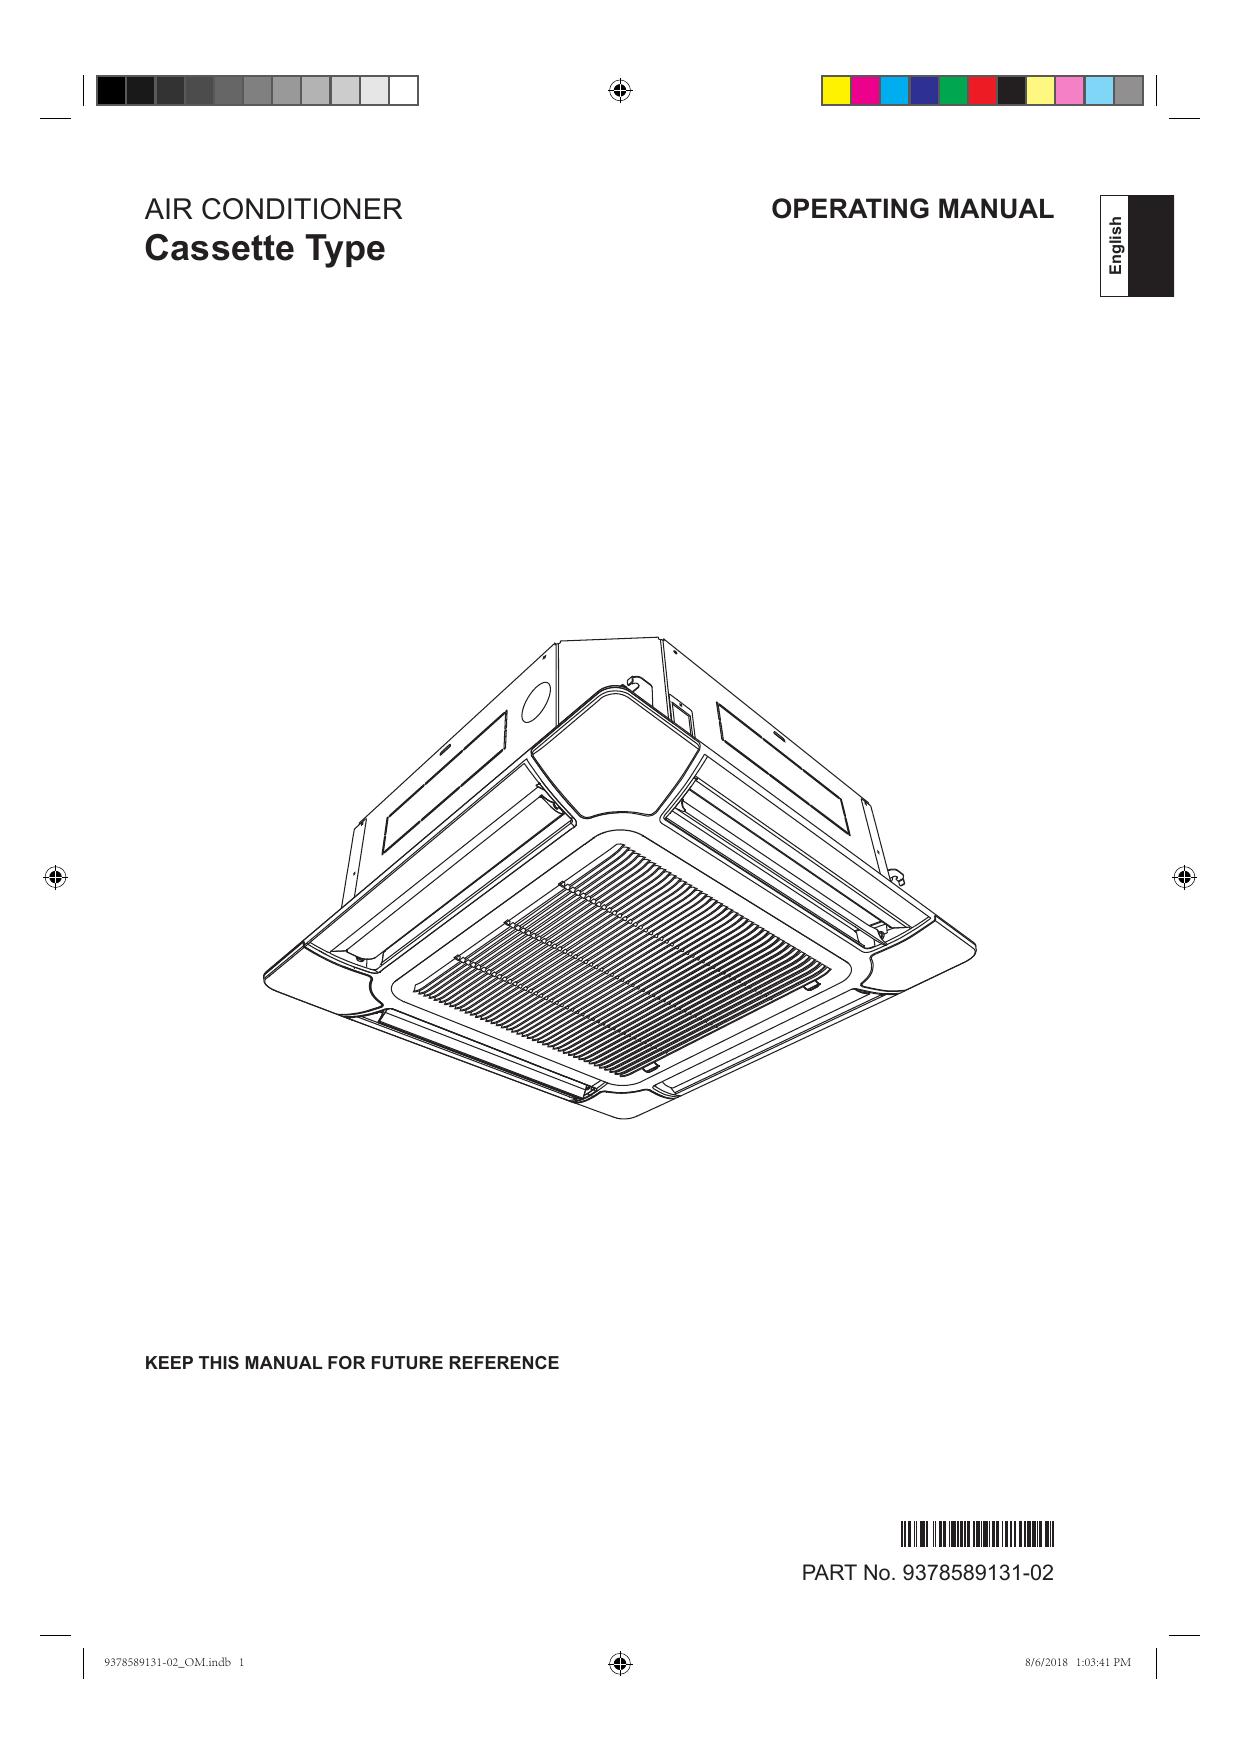 Fujitsu AUAG36LRLC-A, AUAG24LRLA-A Operating instructions